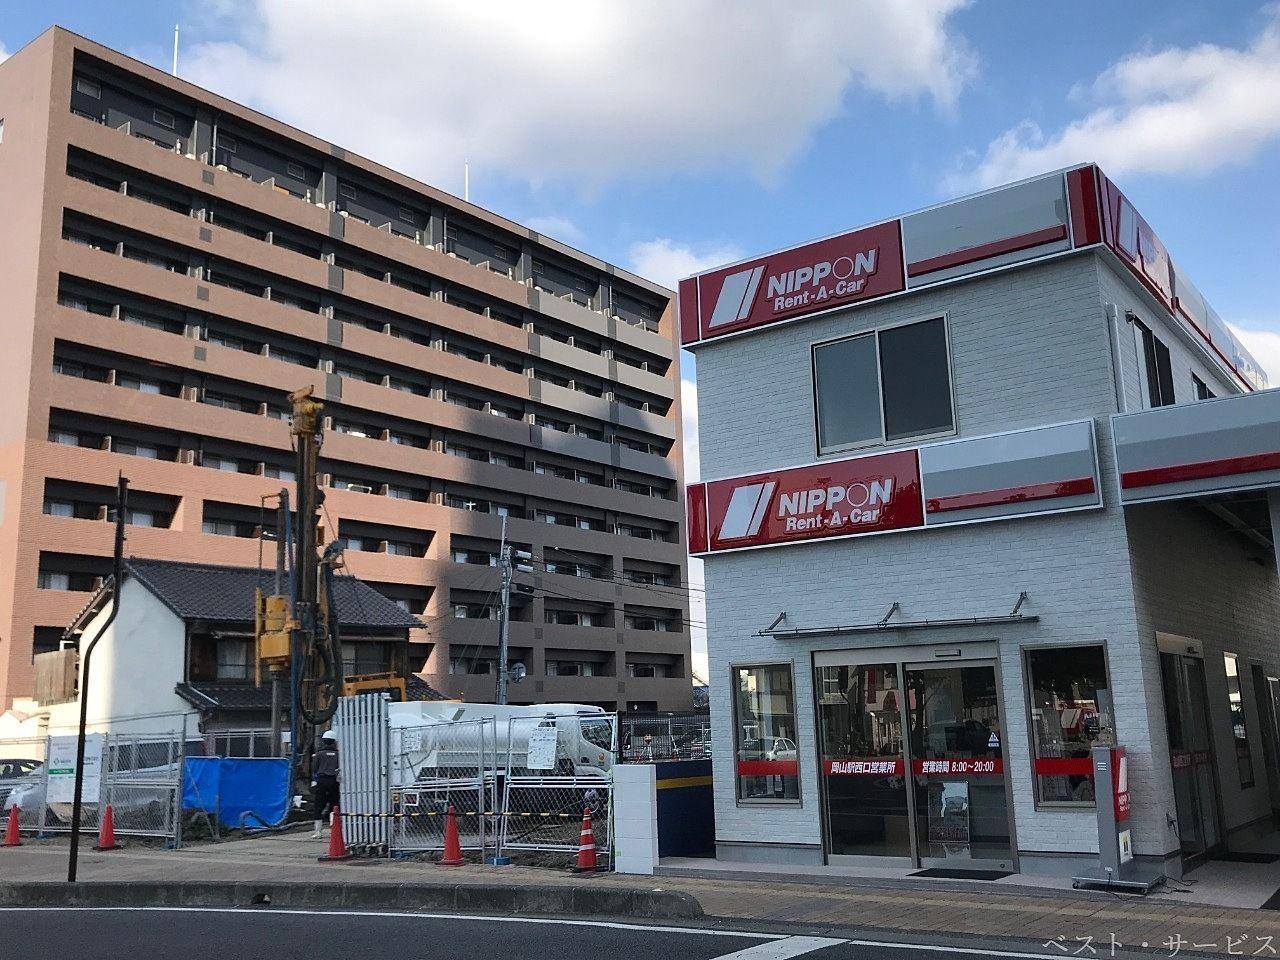 岡山駅西口のレンタカー陣取り合戦